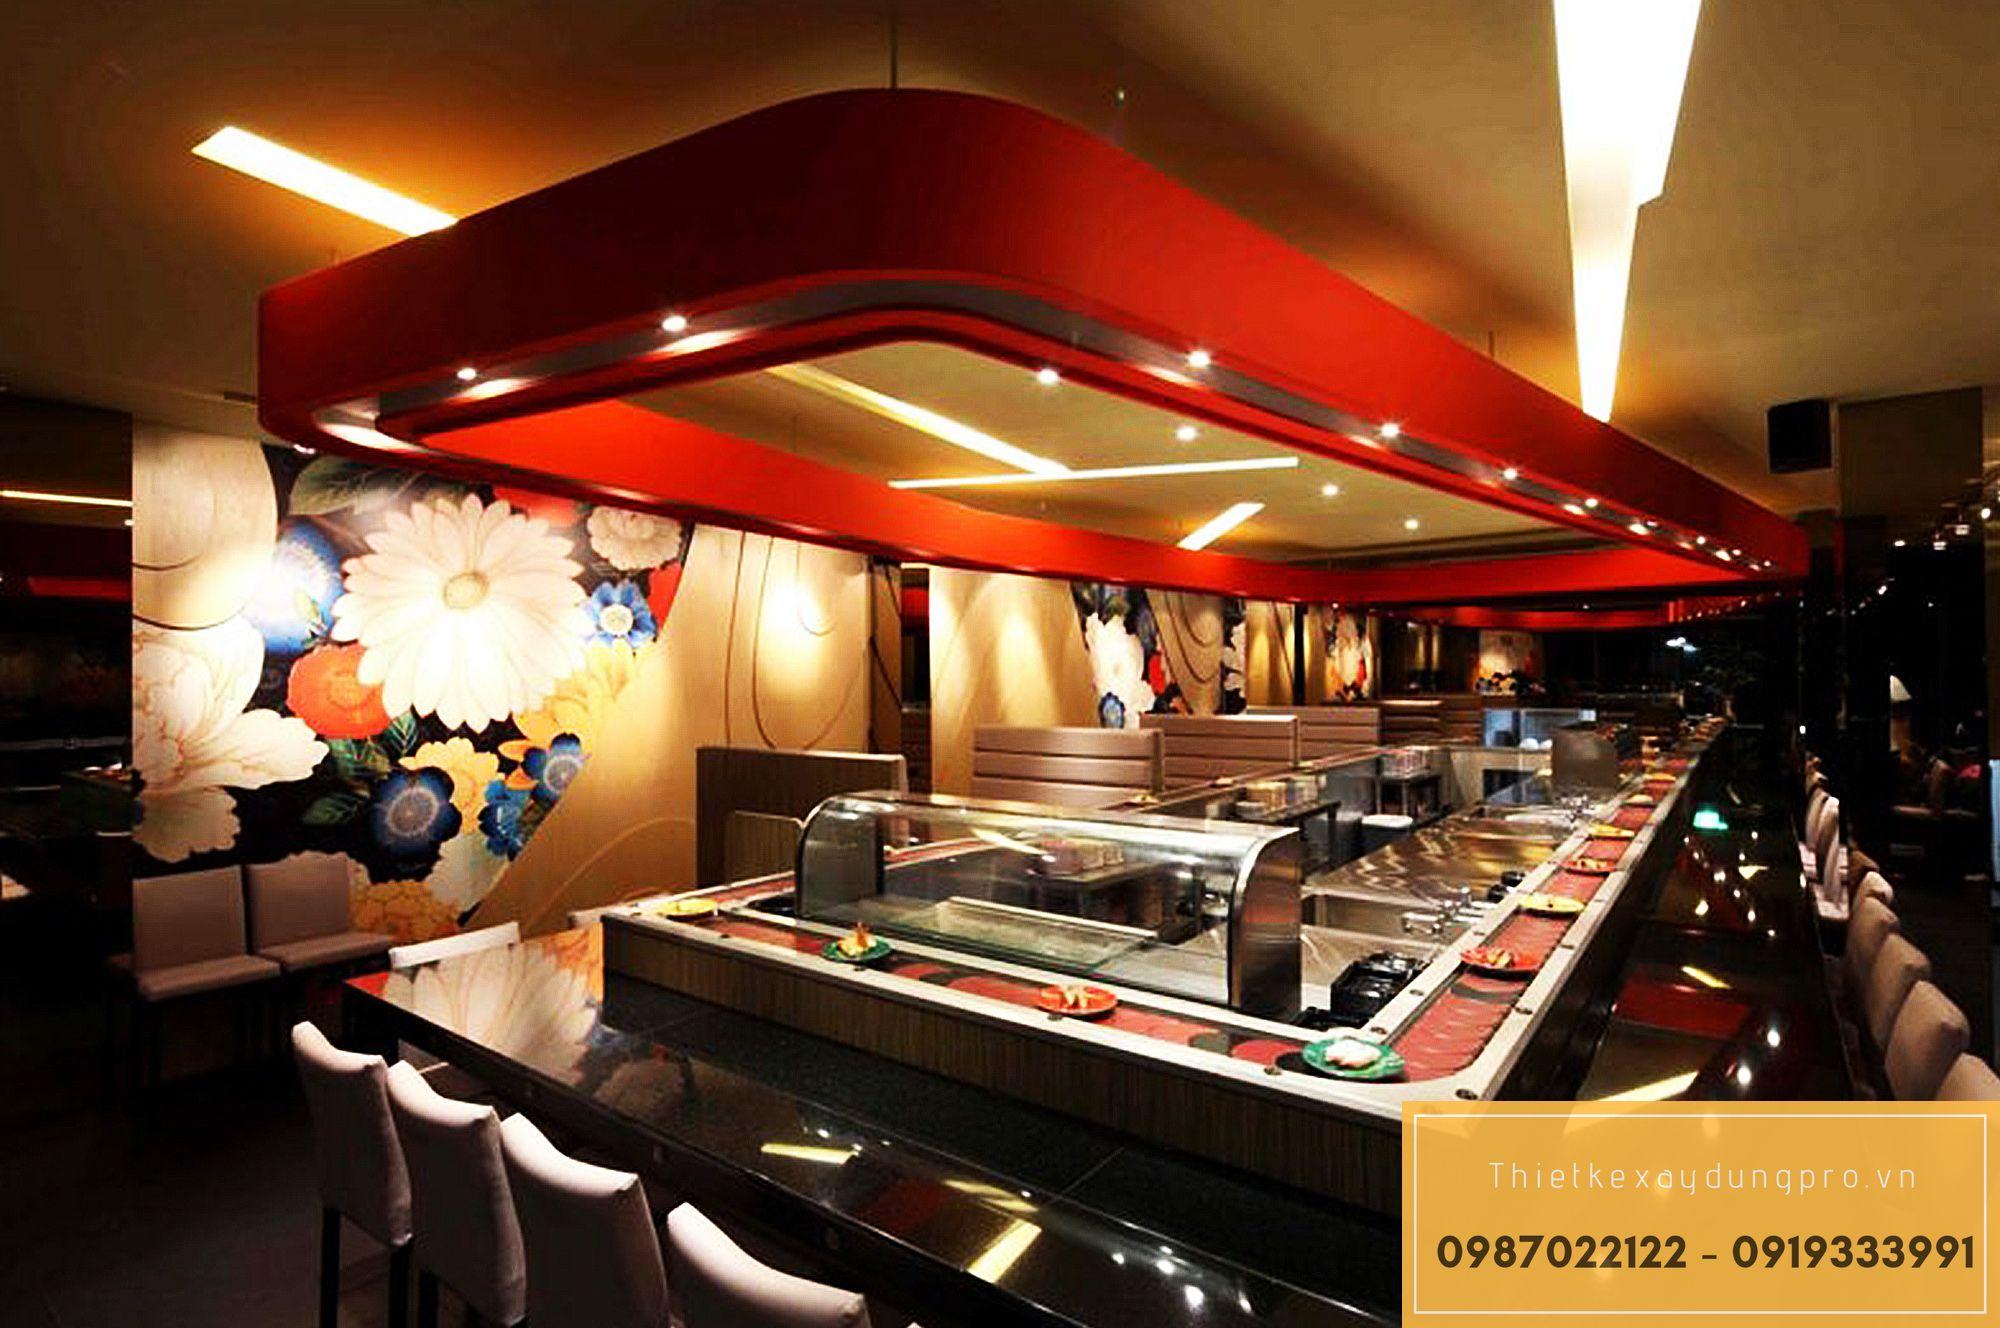 Thiết kế nhà hàng tại Hải Dương